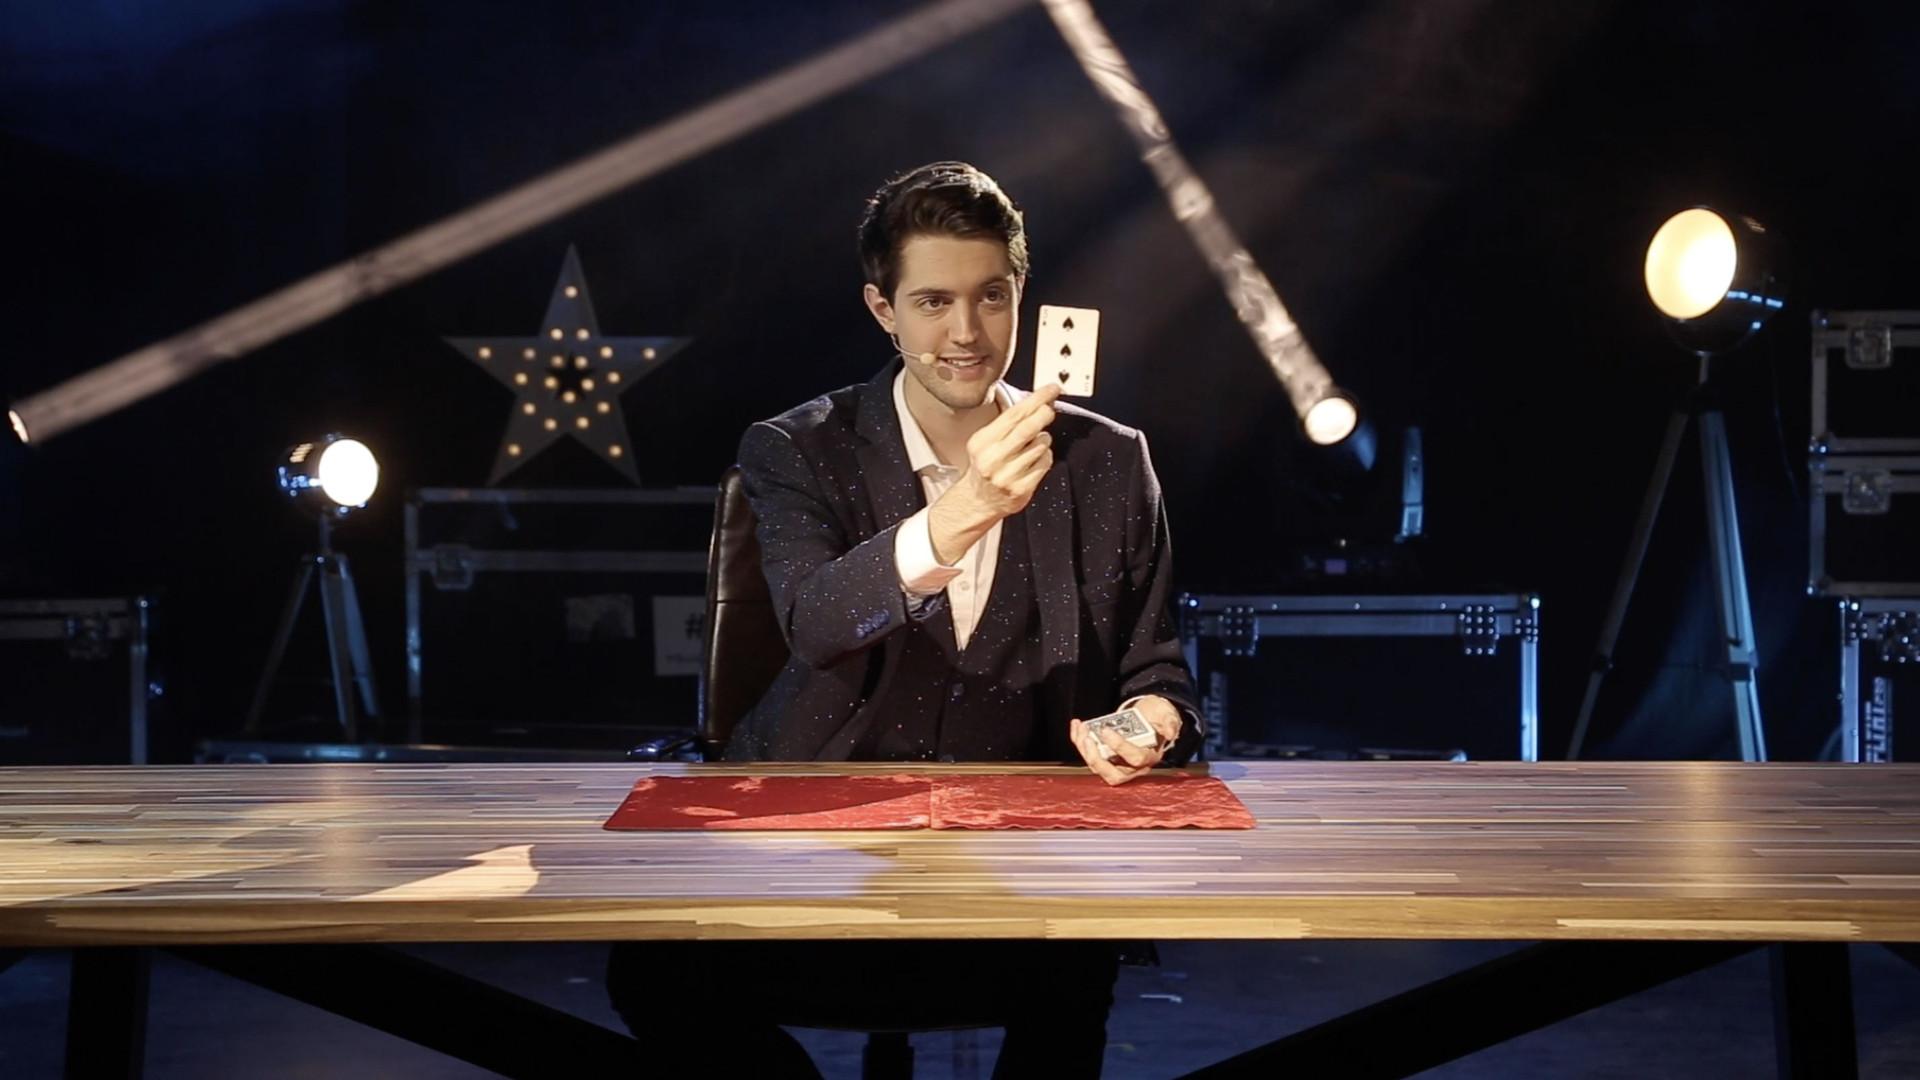 William-Arribart-cours-de-magie.jpg